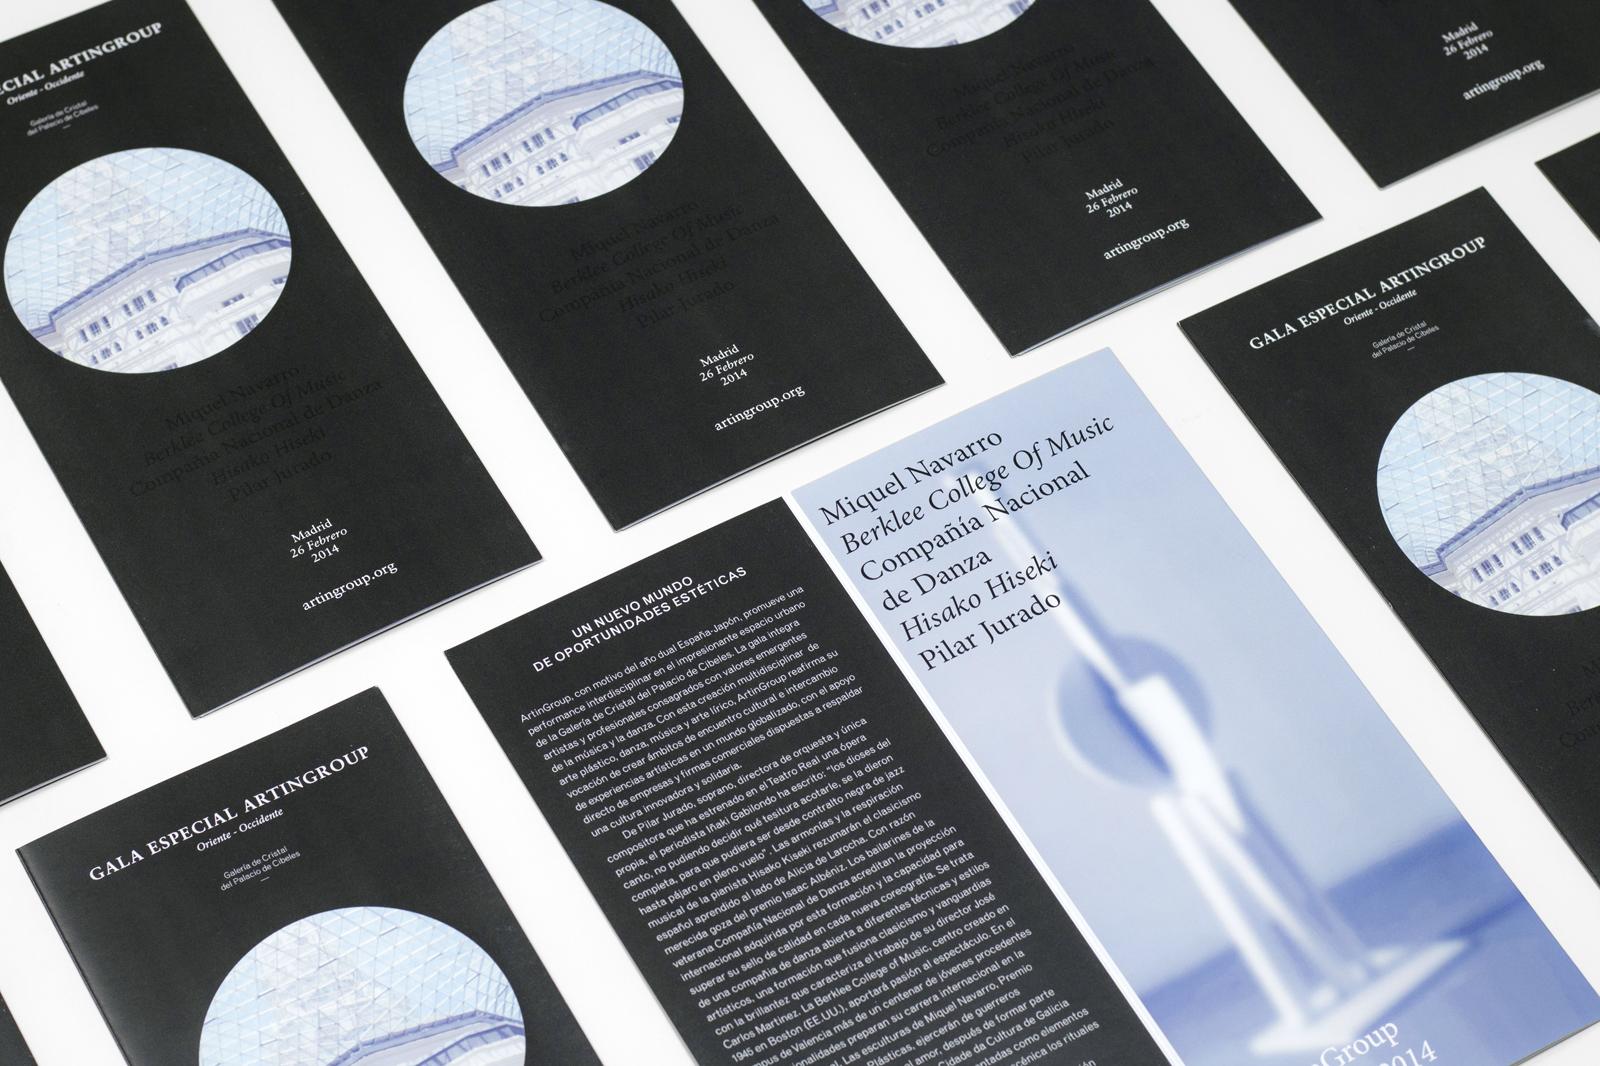 ArtinGroup 02 - Diseño gráfico y identidad visual para un evento cultural y artístico en Madrid, Barcelona y Valencia